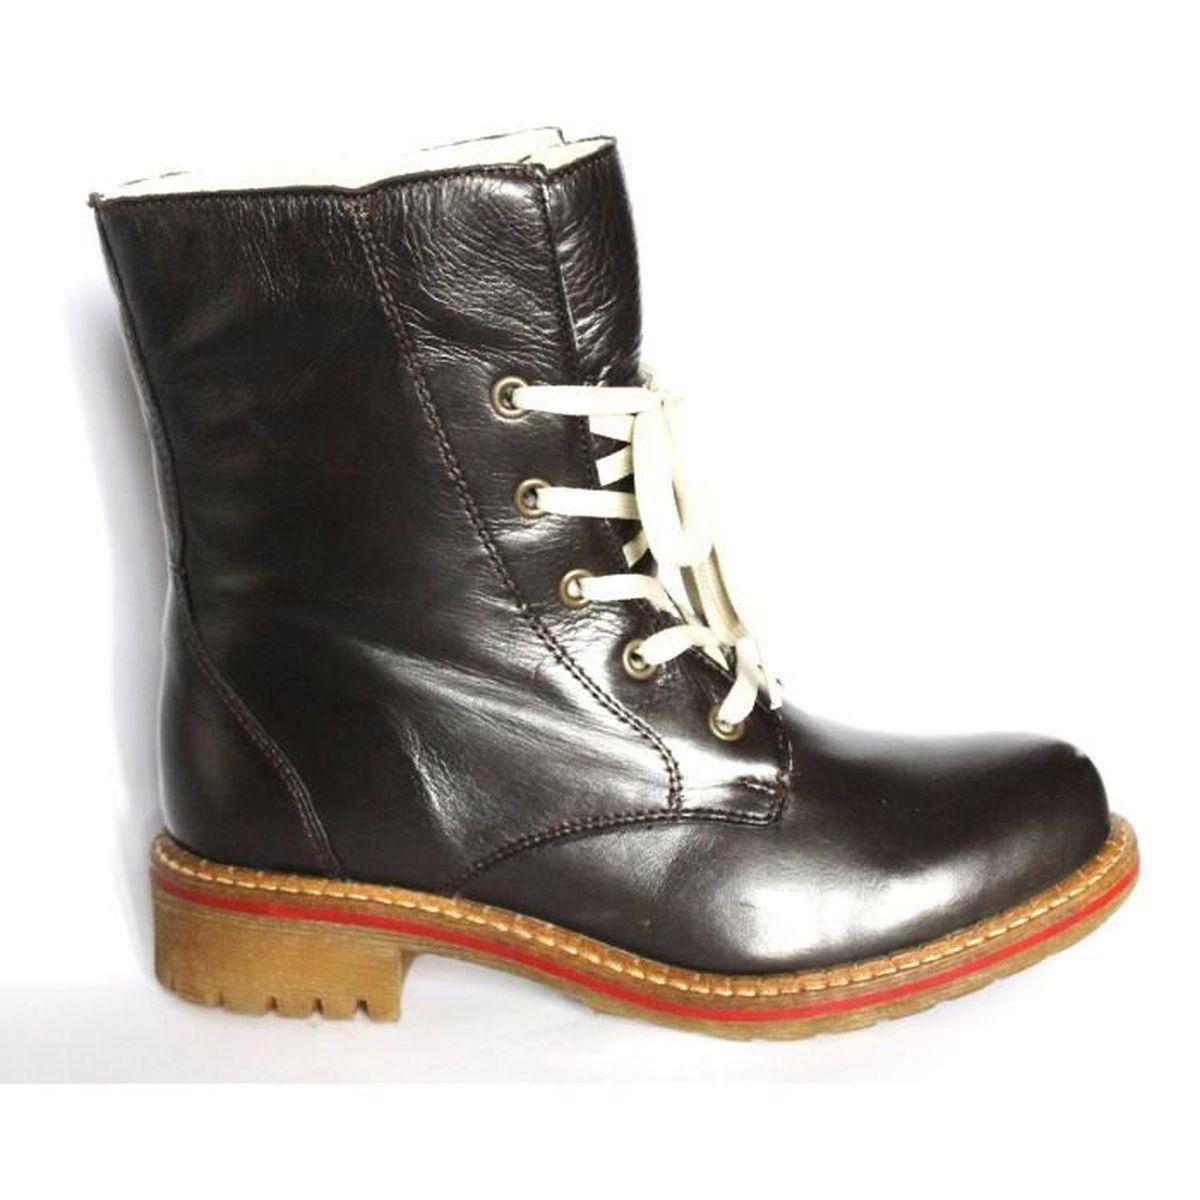 bottines femme cuir noir chaussure fourree mode hiver femme t 39 neuves noir noir achat. Black Bedroom Furniture Sets. Home Design Ideas